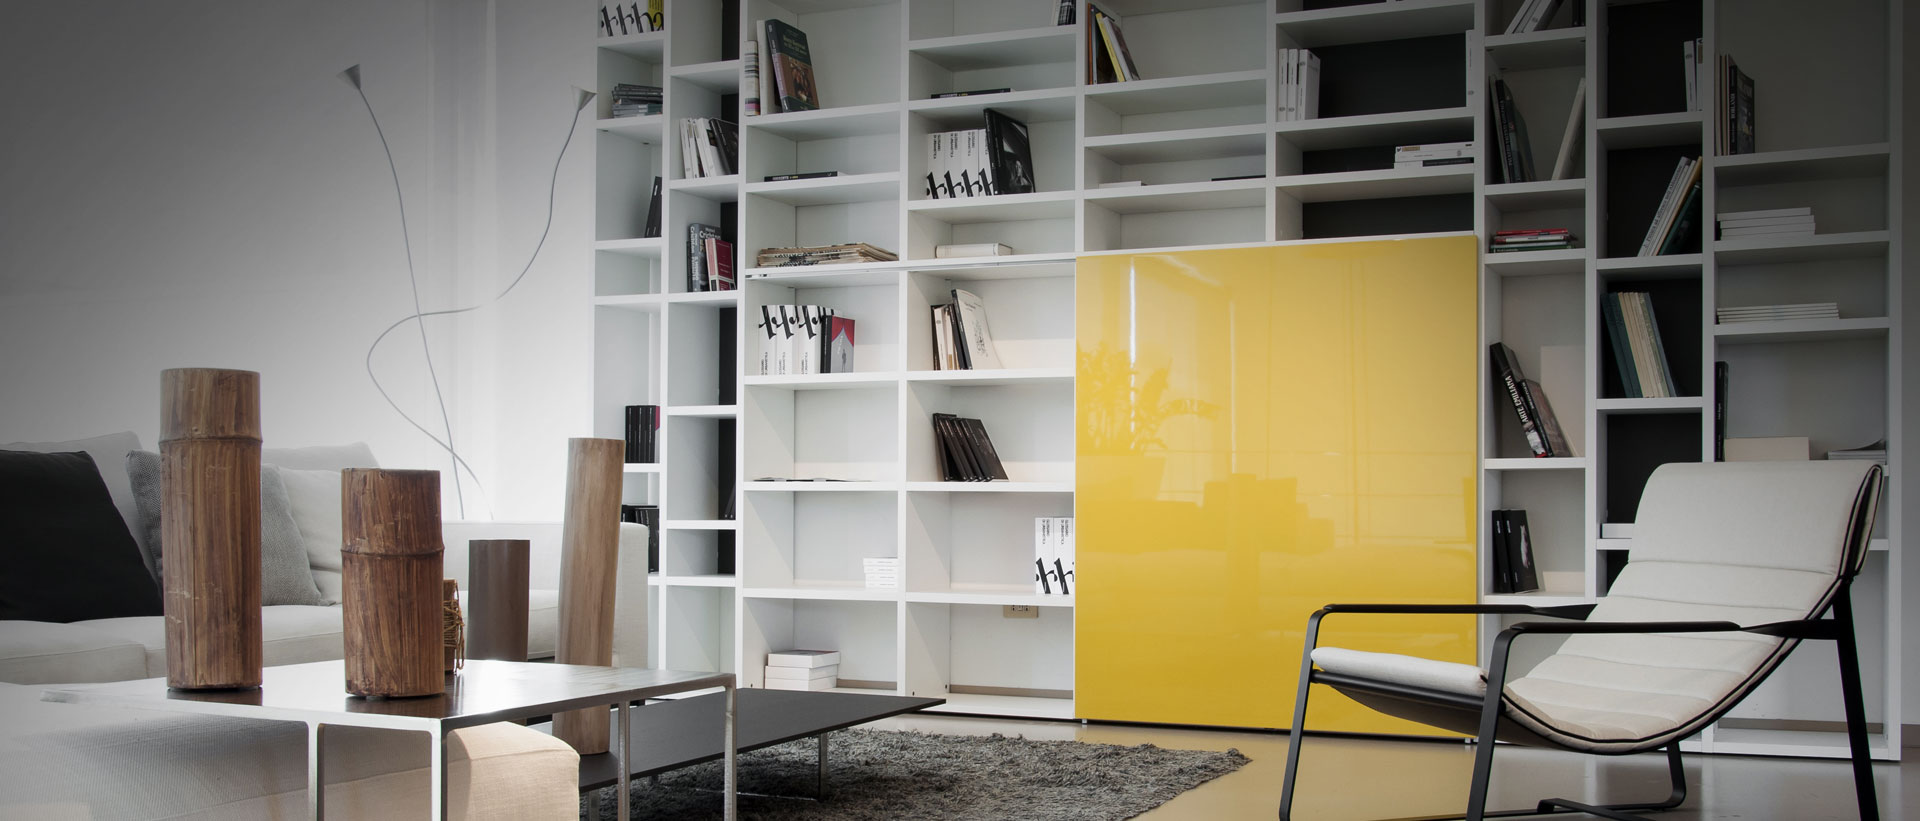 Architettura d 39 interni mantova consulenza arredo interni for Misure arredamenti interni